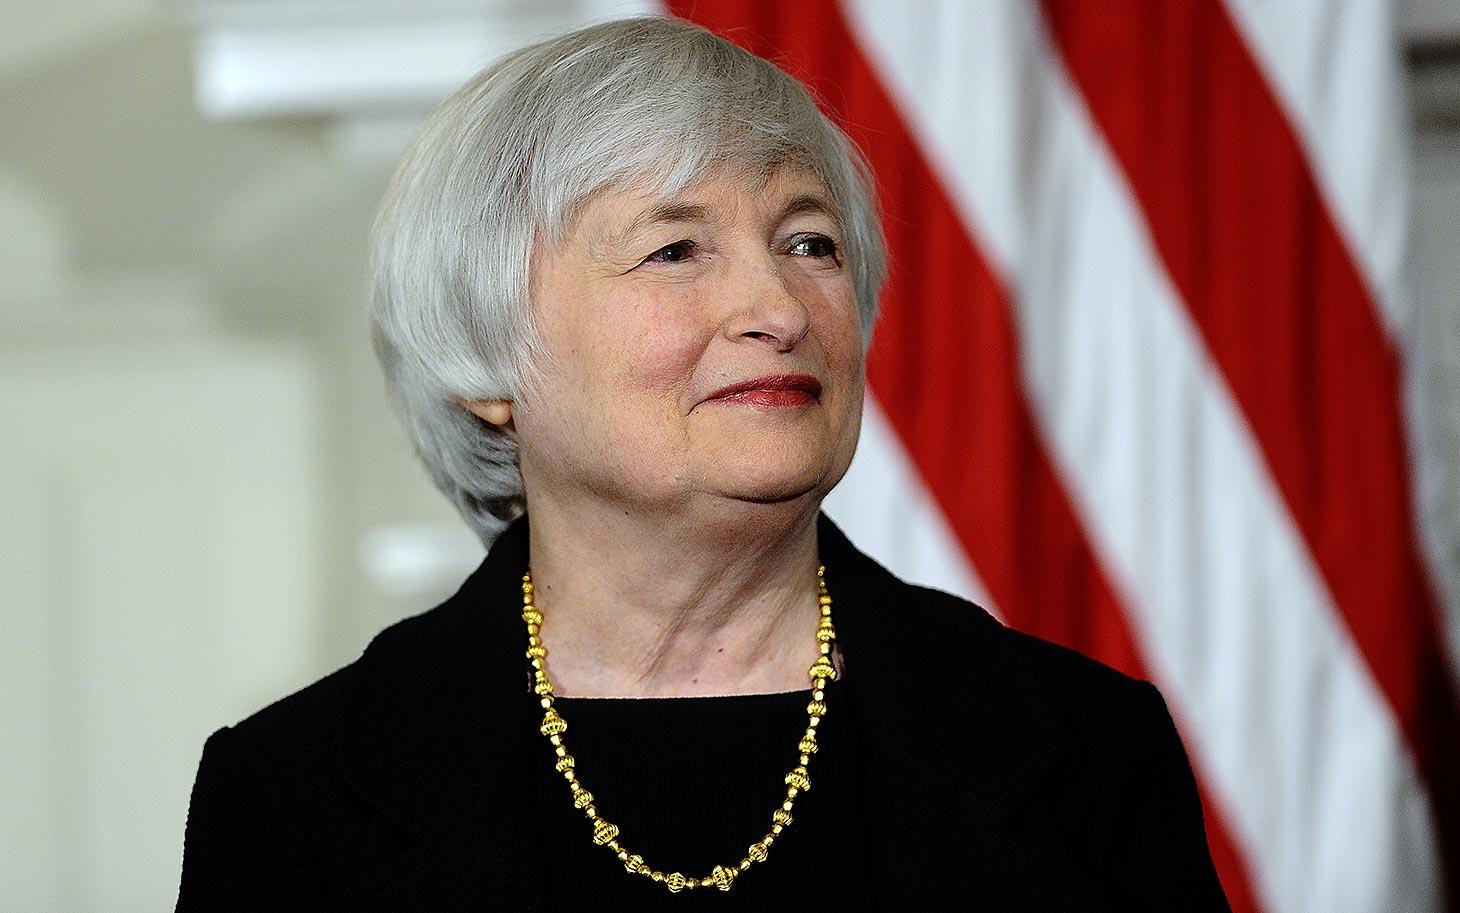 احتمالية رفع الفائدة الأمريكية في منتصف 2015 مازالت قائمة